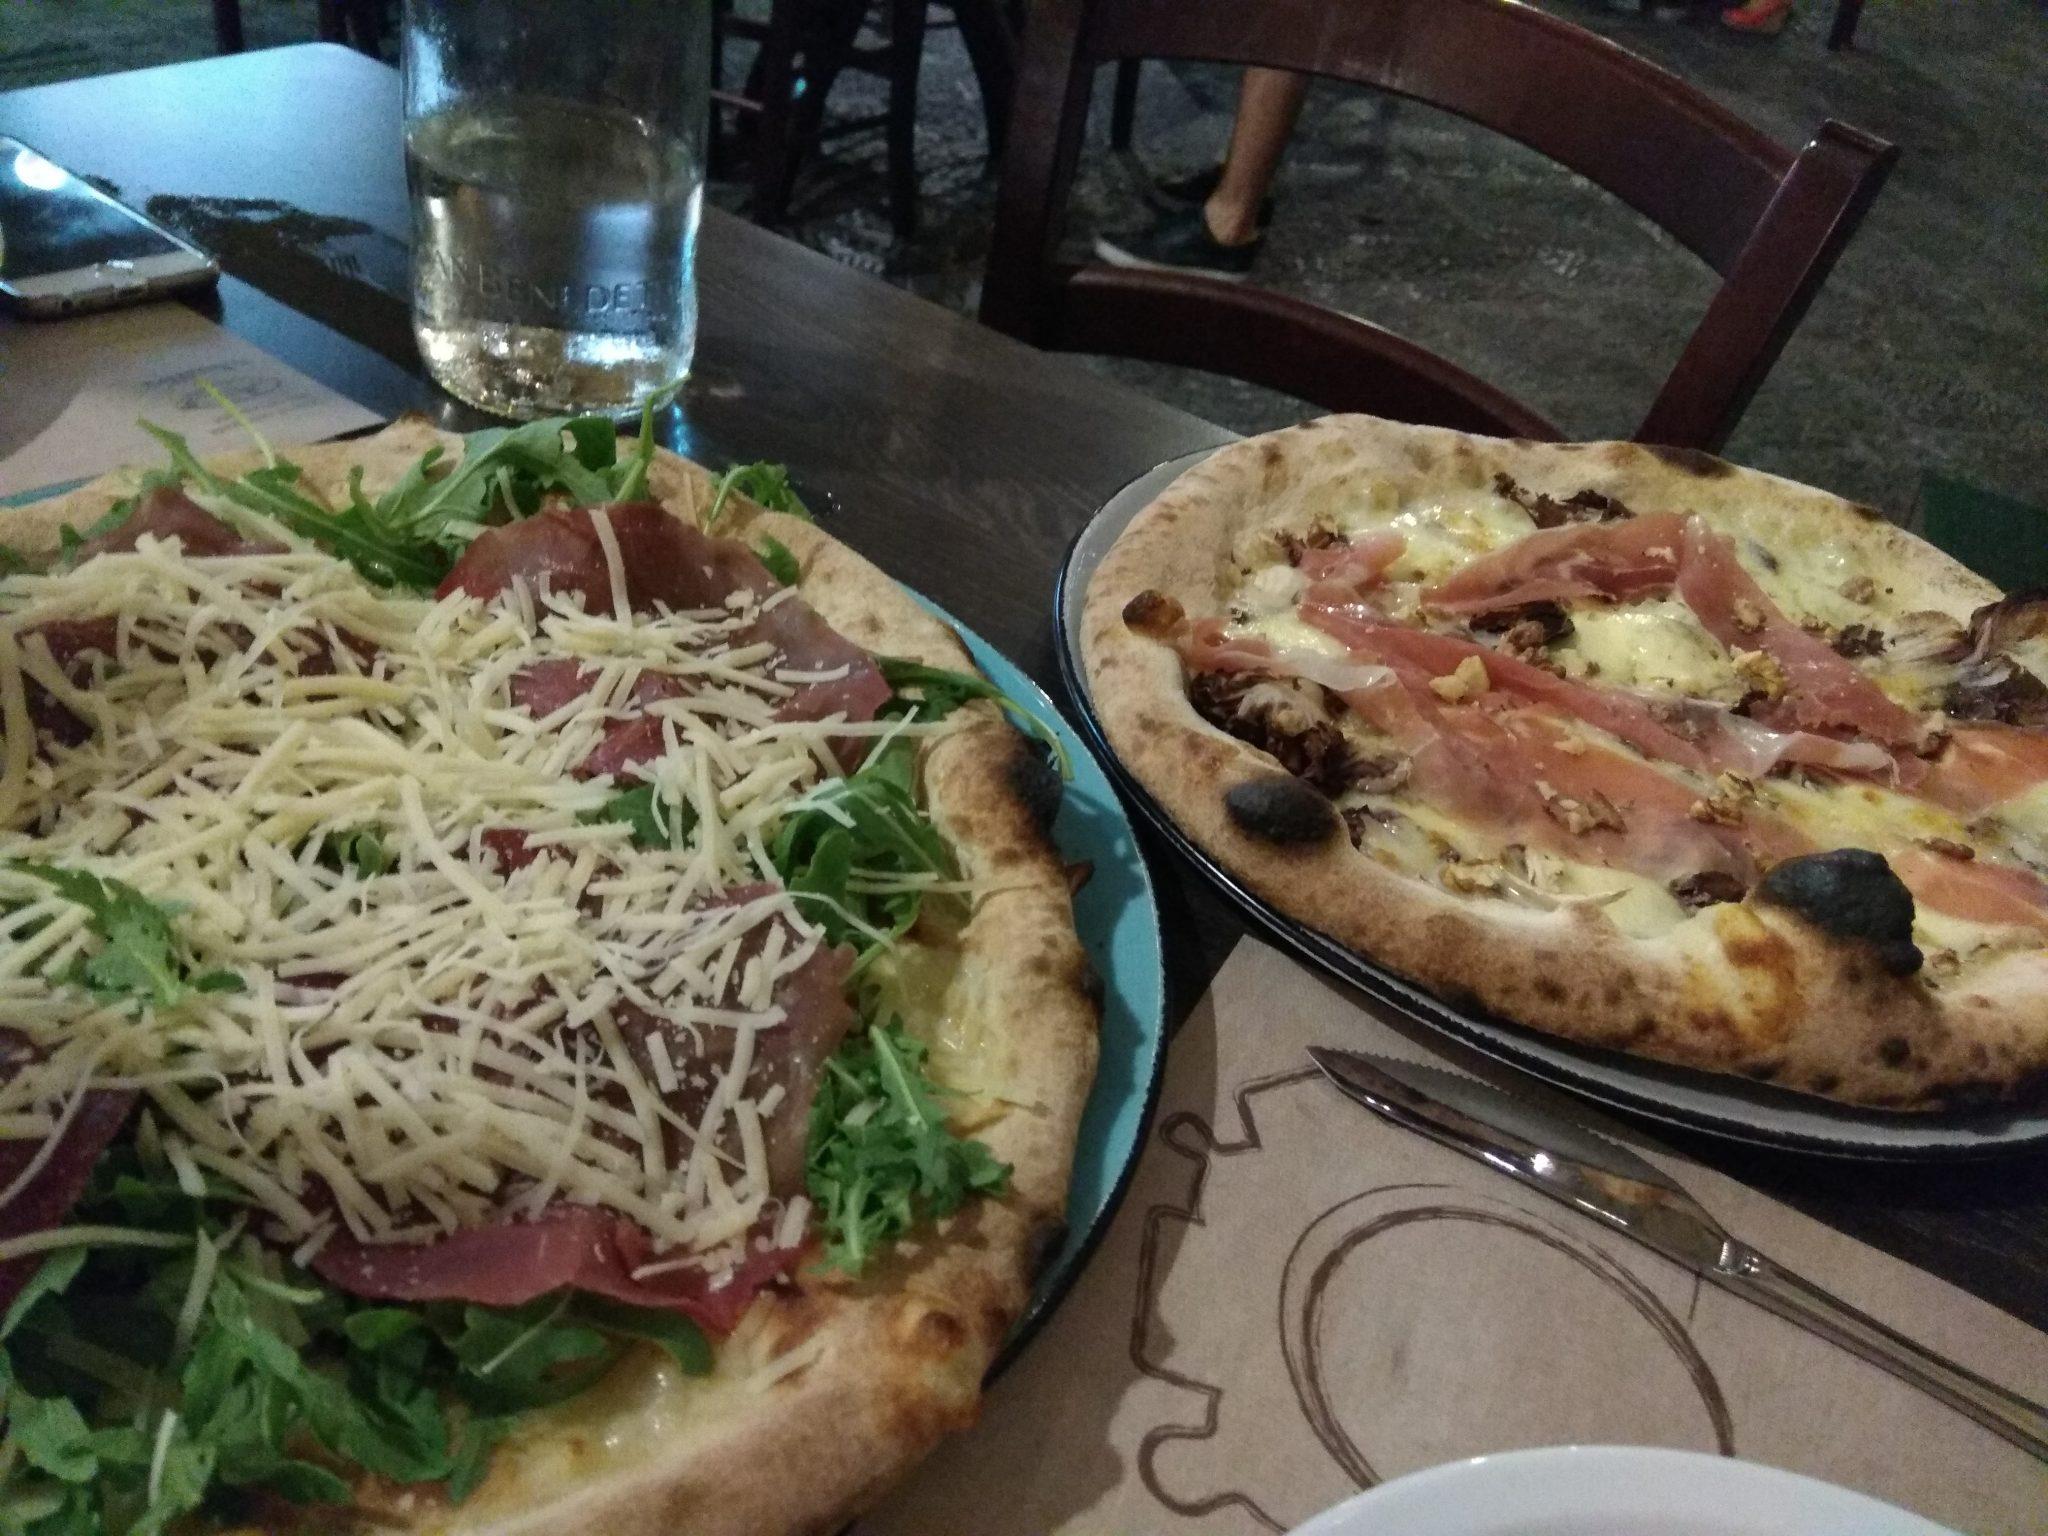 Img post Pizzas en Catania. Comer en Catania - Pasaporte y Millas